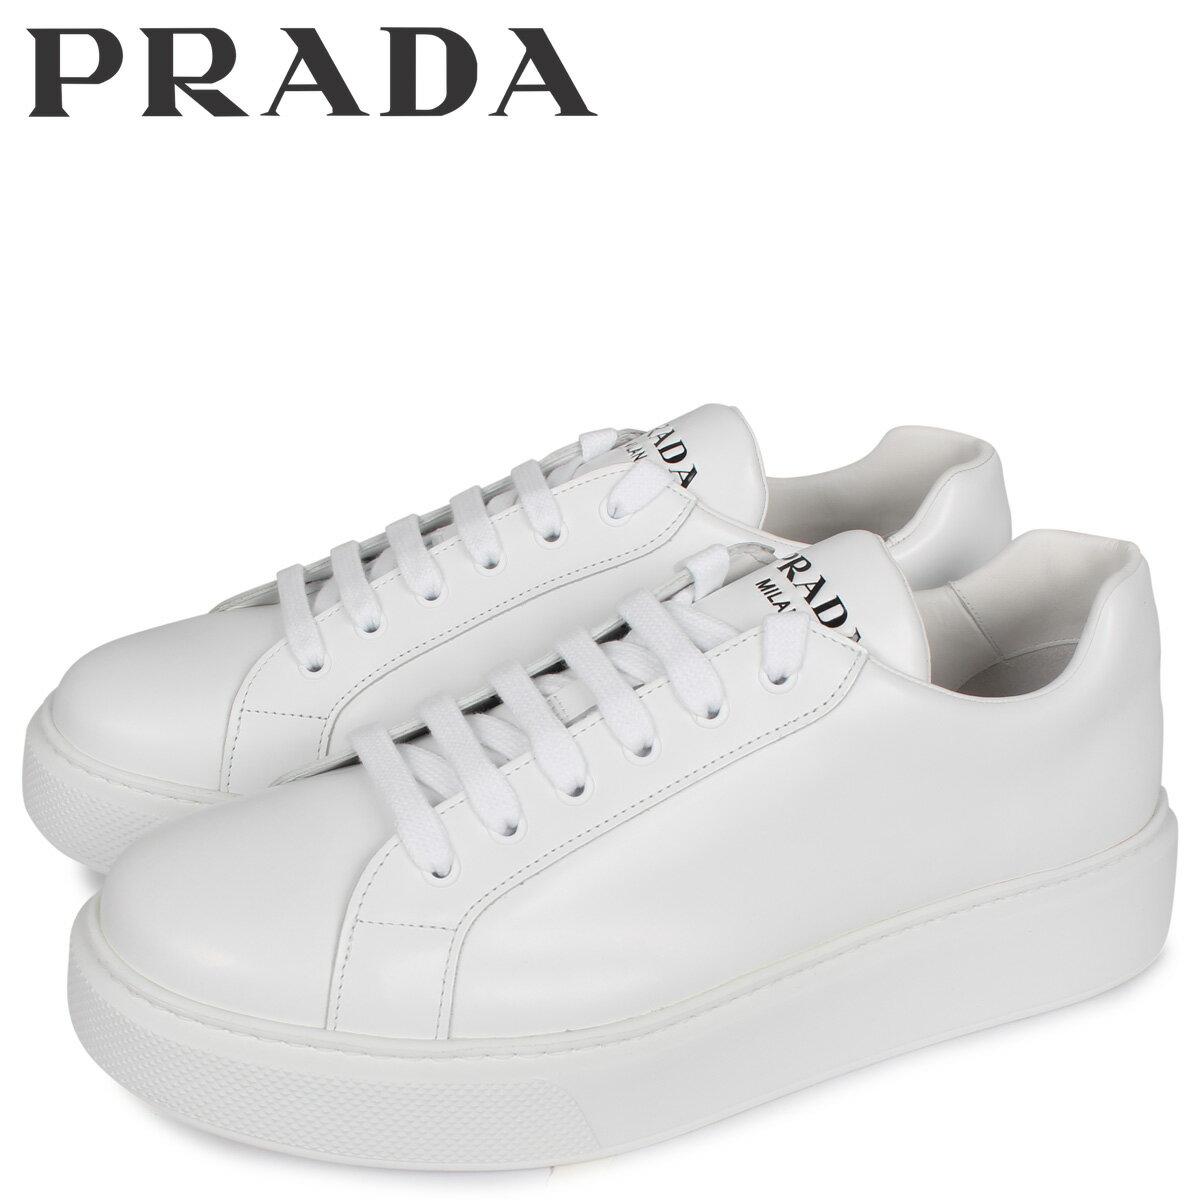 メンズ靴, スニーカー 1000OFF PRADA NEW SNEAKER FONDO CASSETTA 4E3489